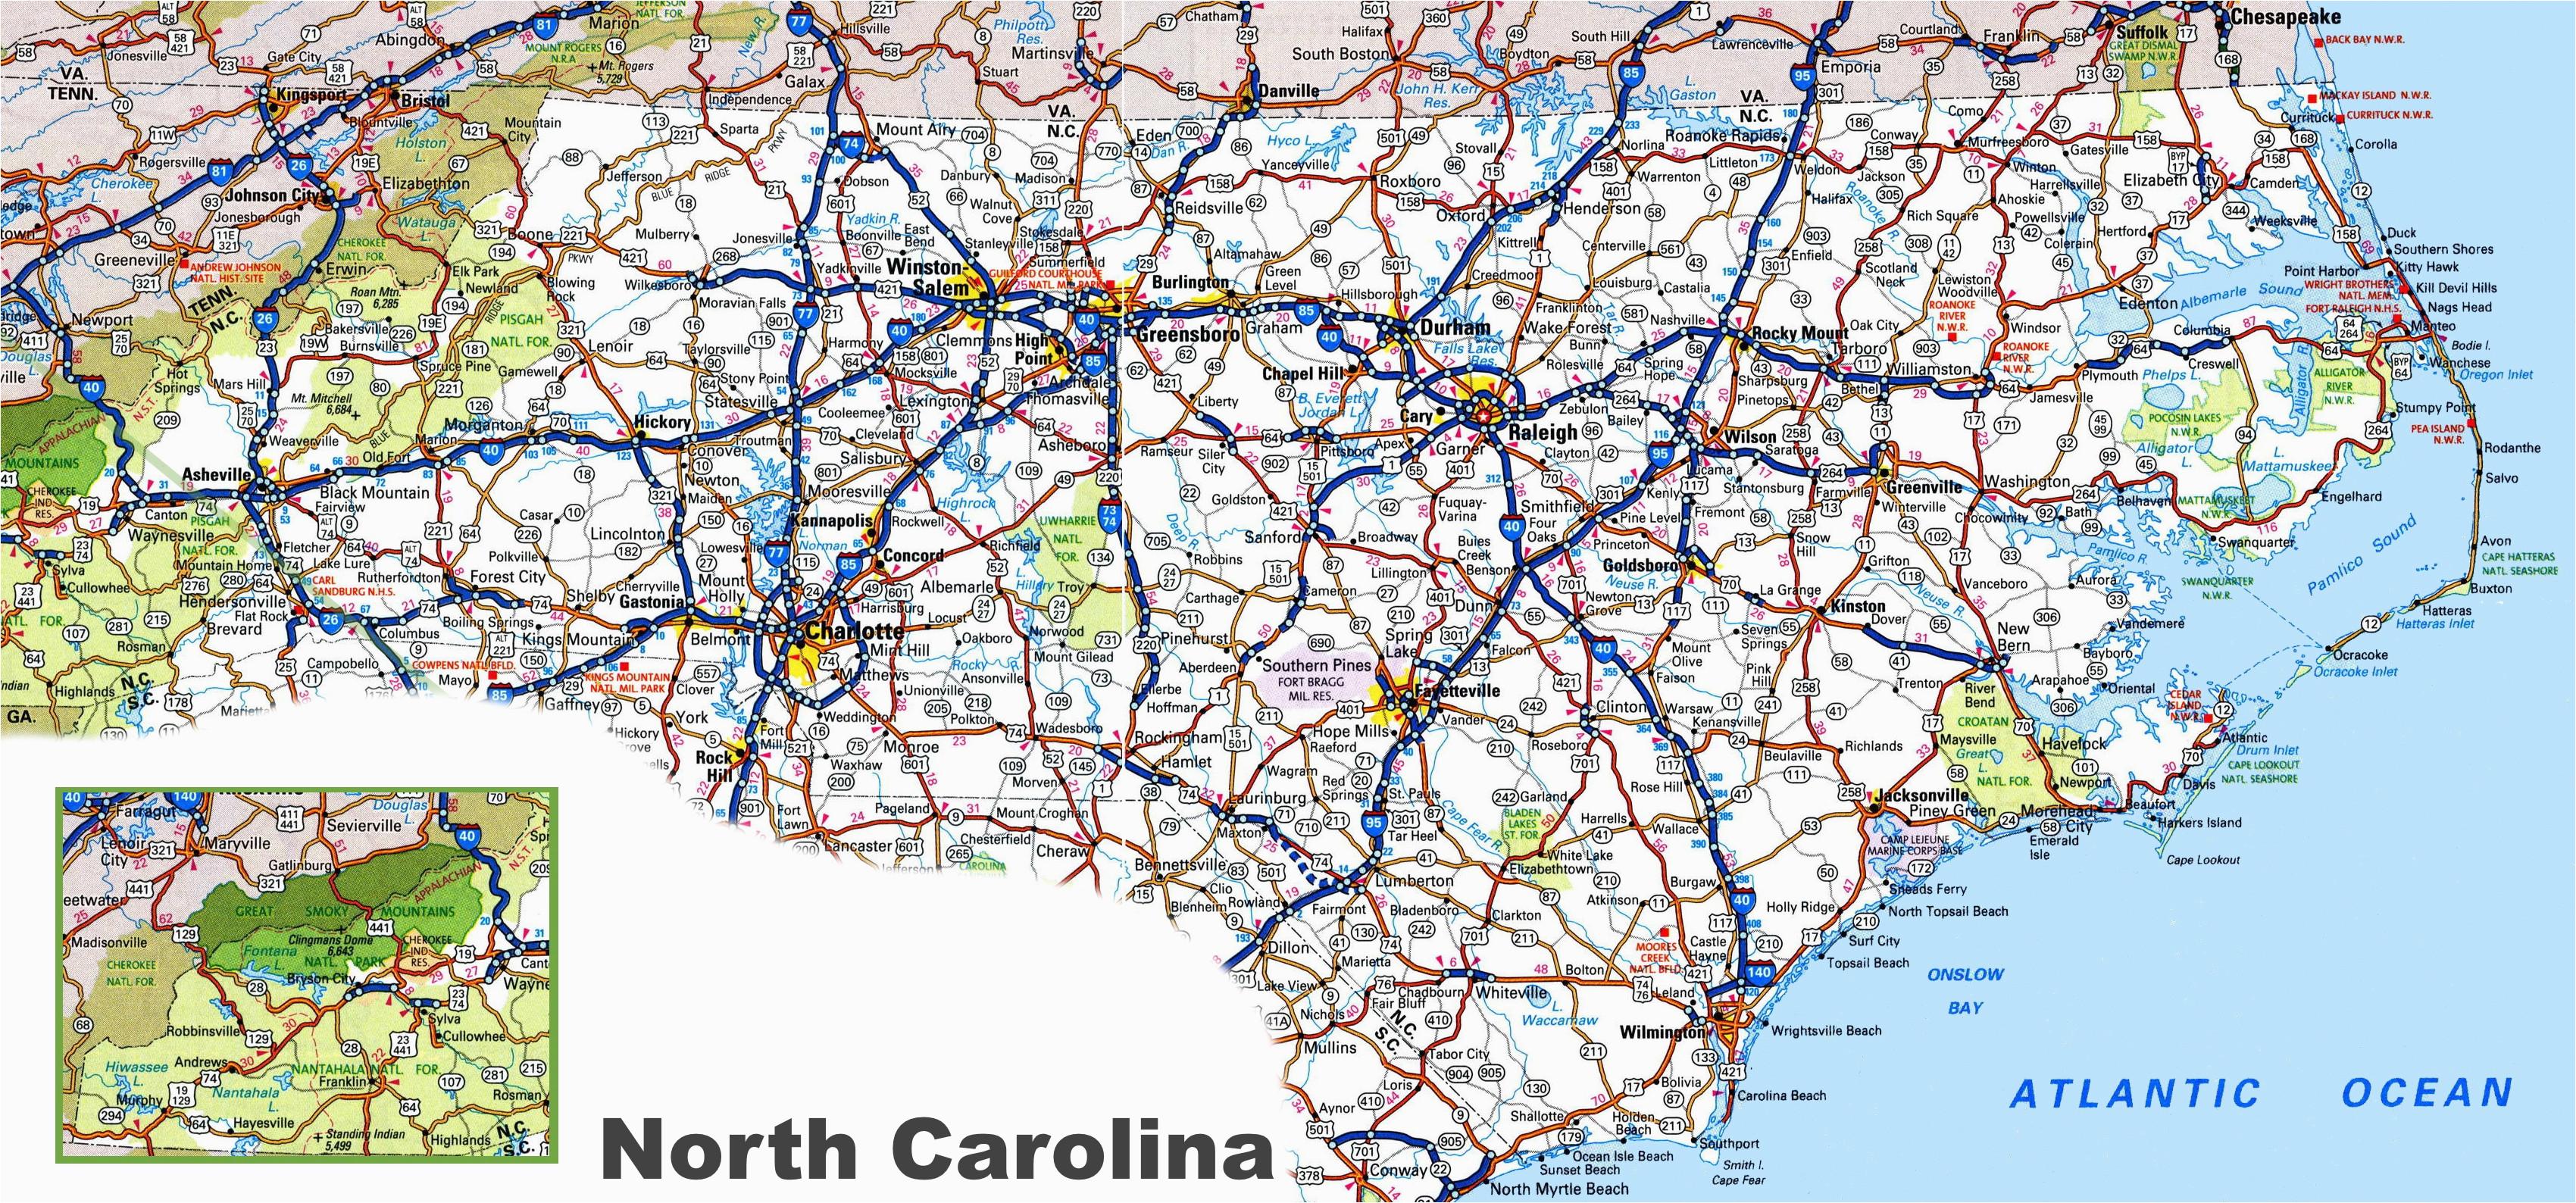 north carolina road map